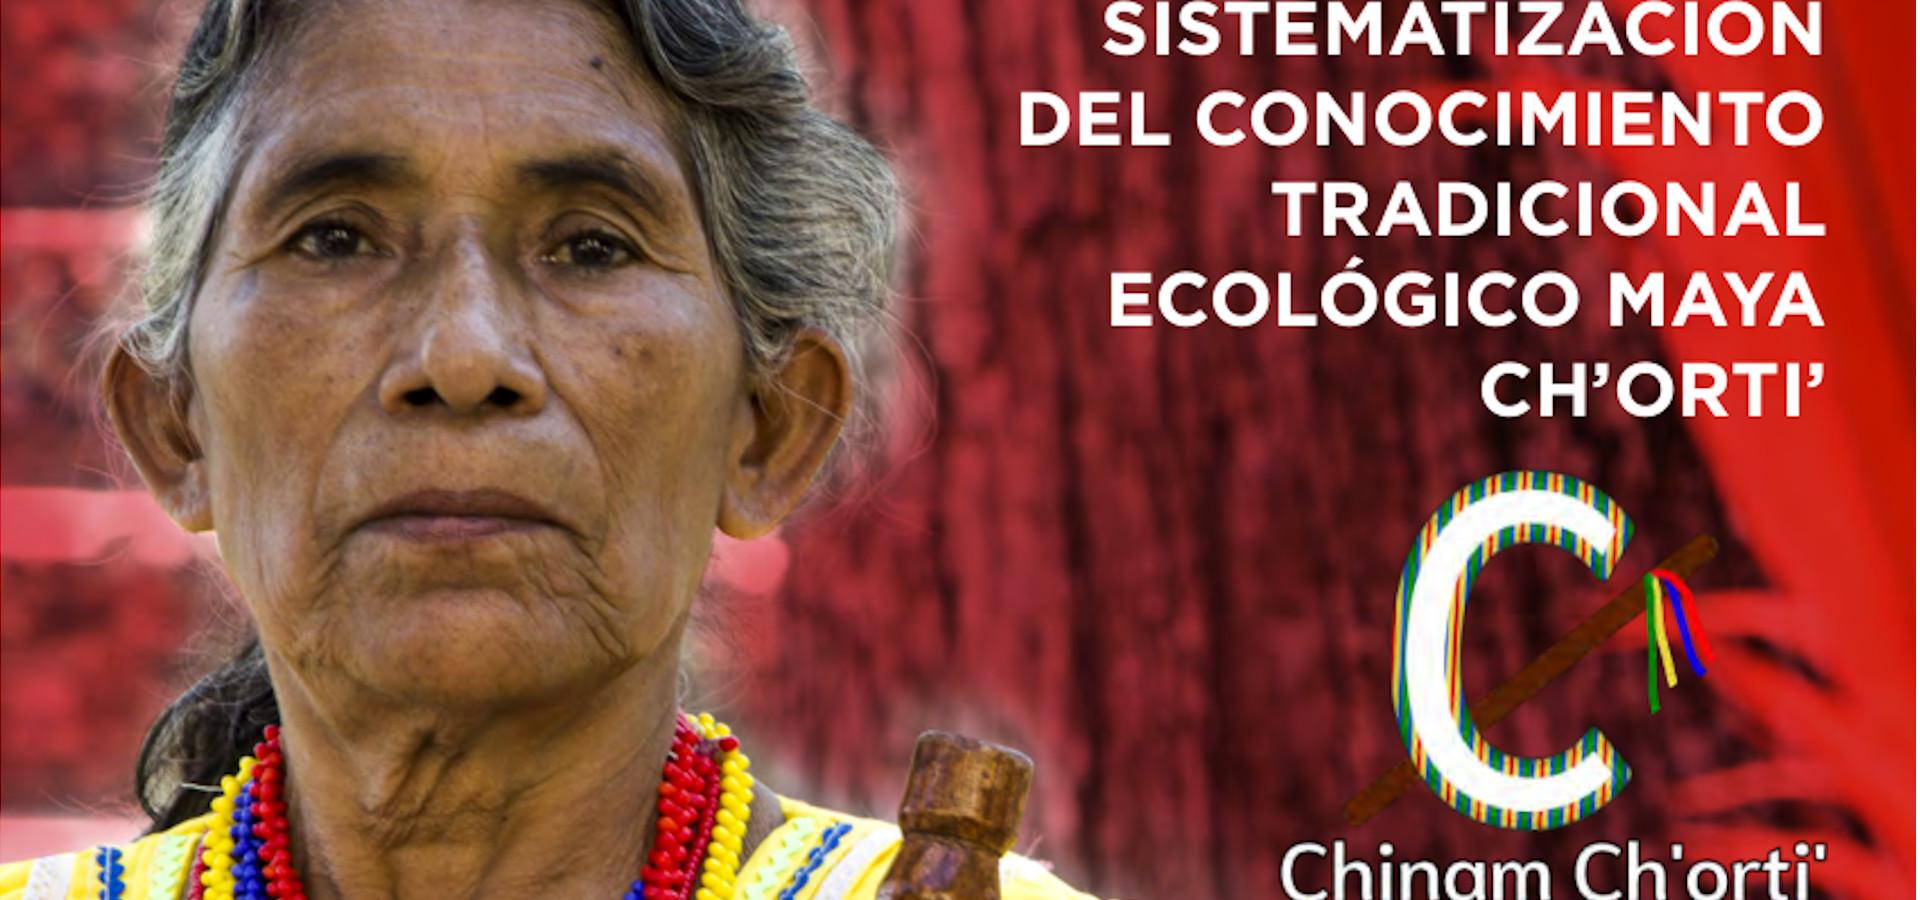 Llegan copias impresas de la Sistematización del Conocimiento Tradicional Ecológico Maya-Ch'orti' al  territorio